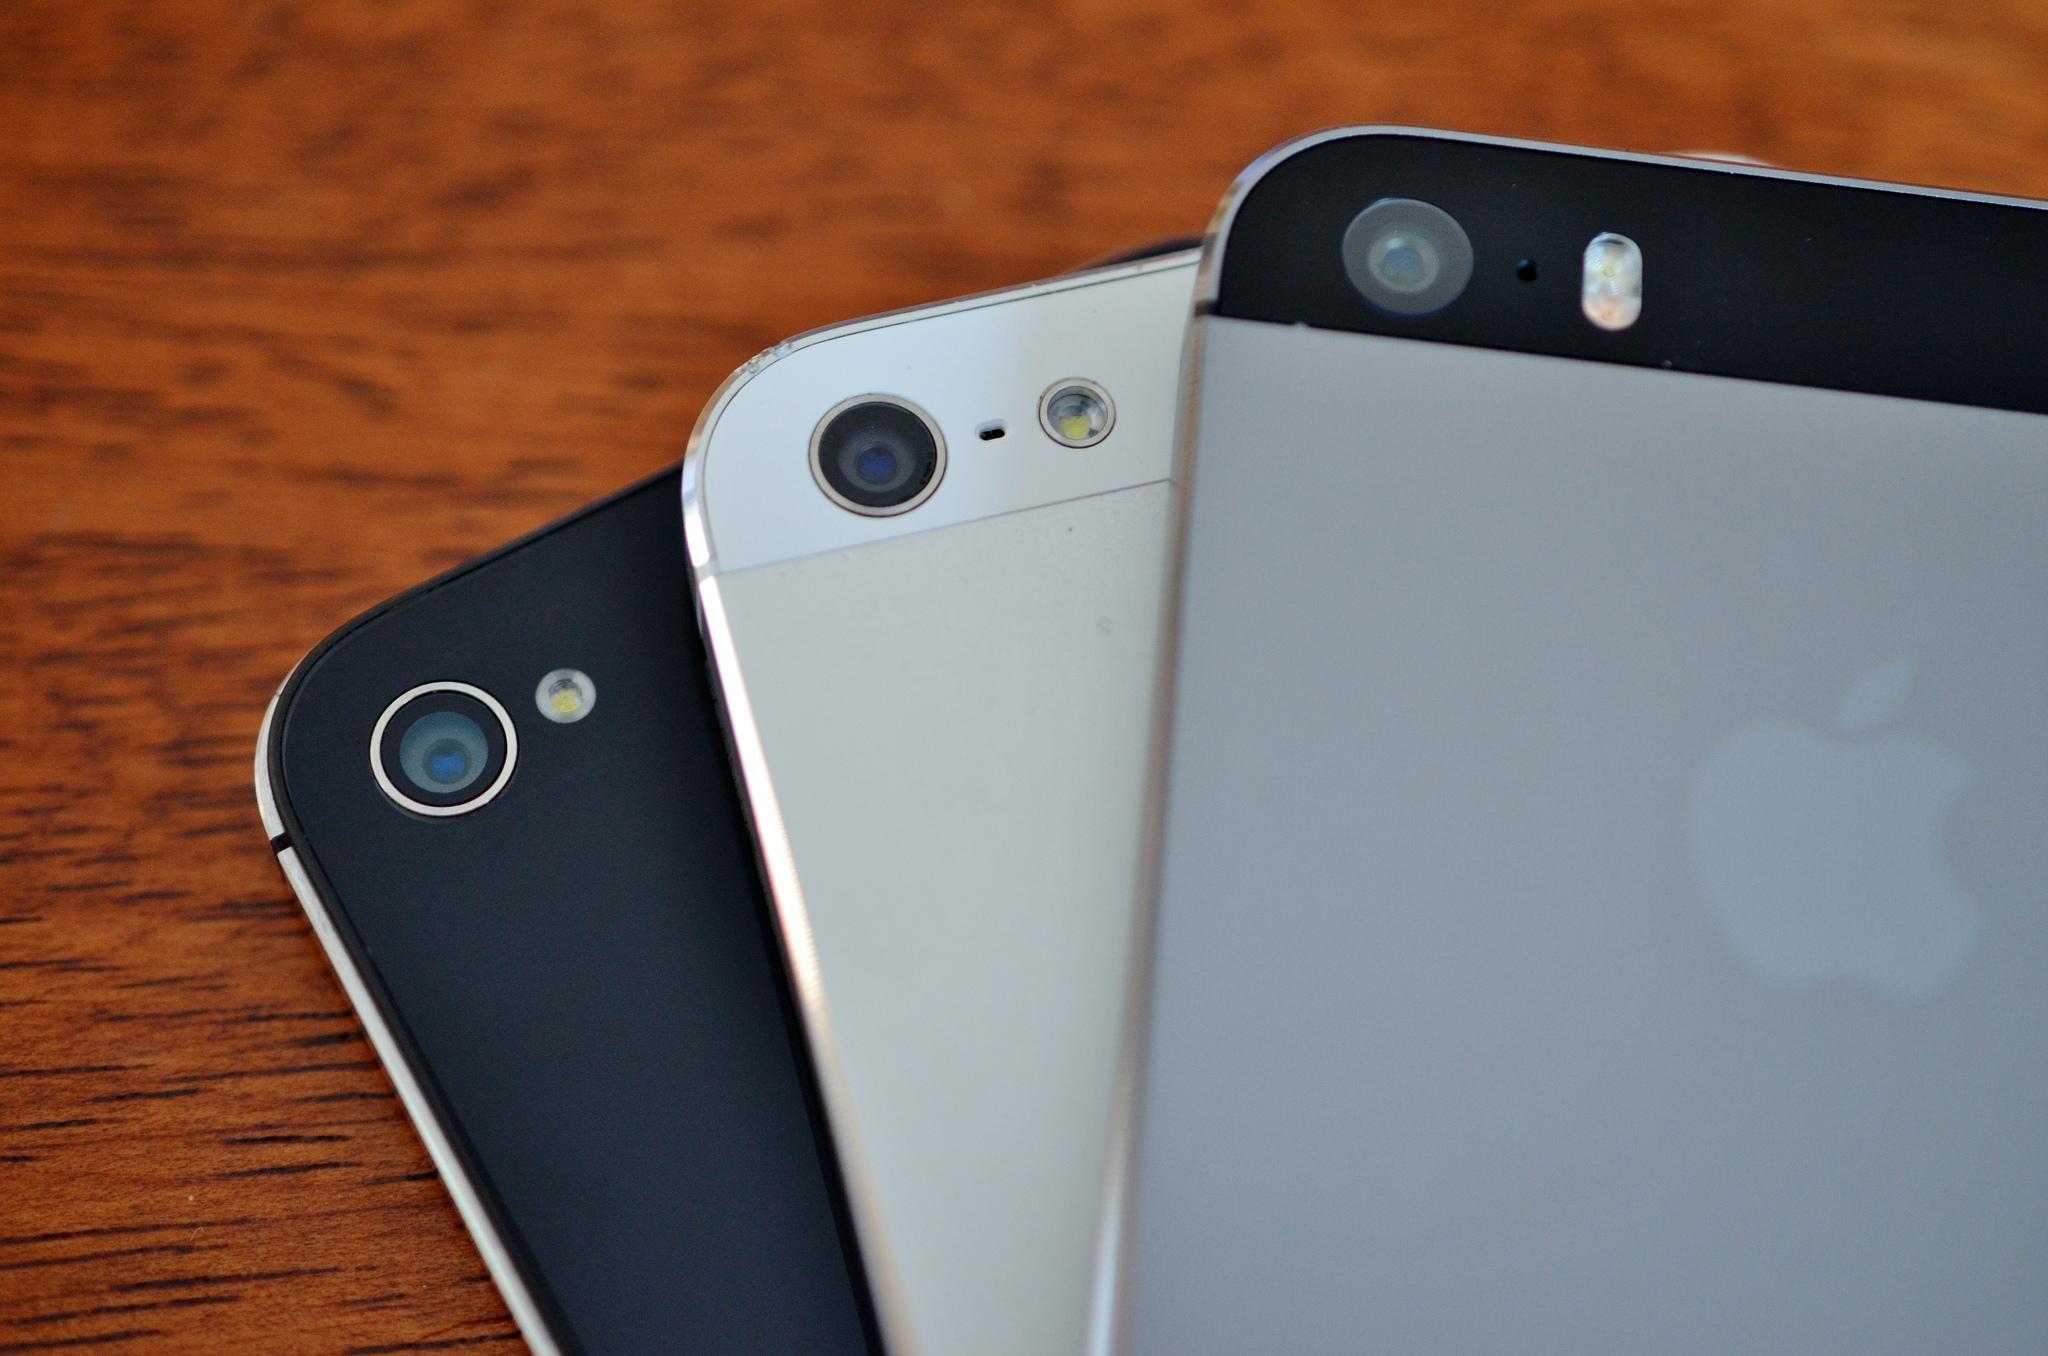 Un iPhone 4S (no tiene agujero), un iPhone 5 y un iPhone 5S | Simon Yeo (CC) Flickr